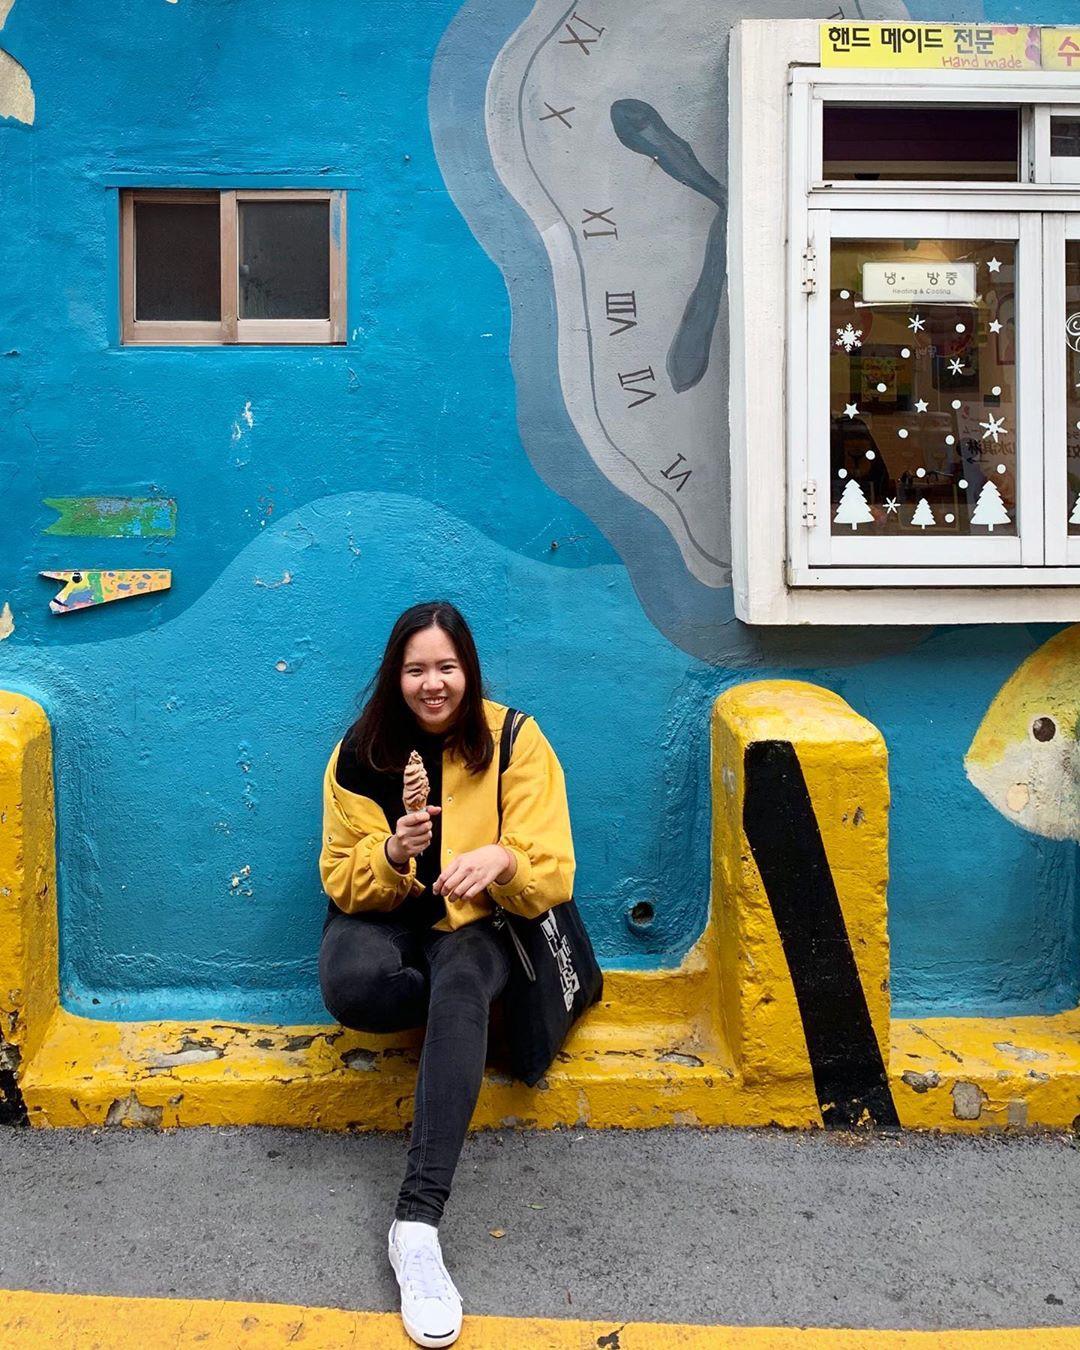 Làng cổ Gamcheon: Từ một khu ổ chuột trở thành Santorini của Hàn Quốc - Ảnh 8.